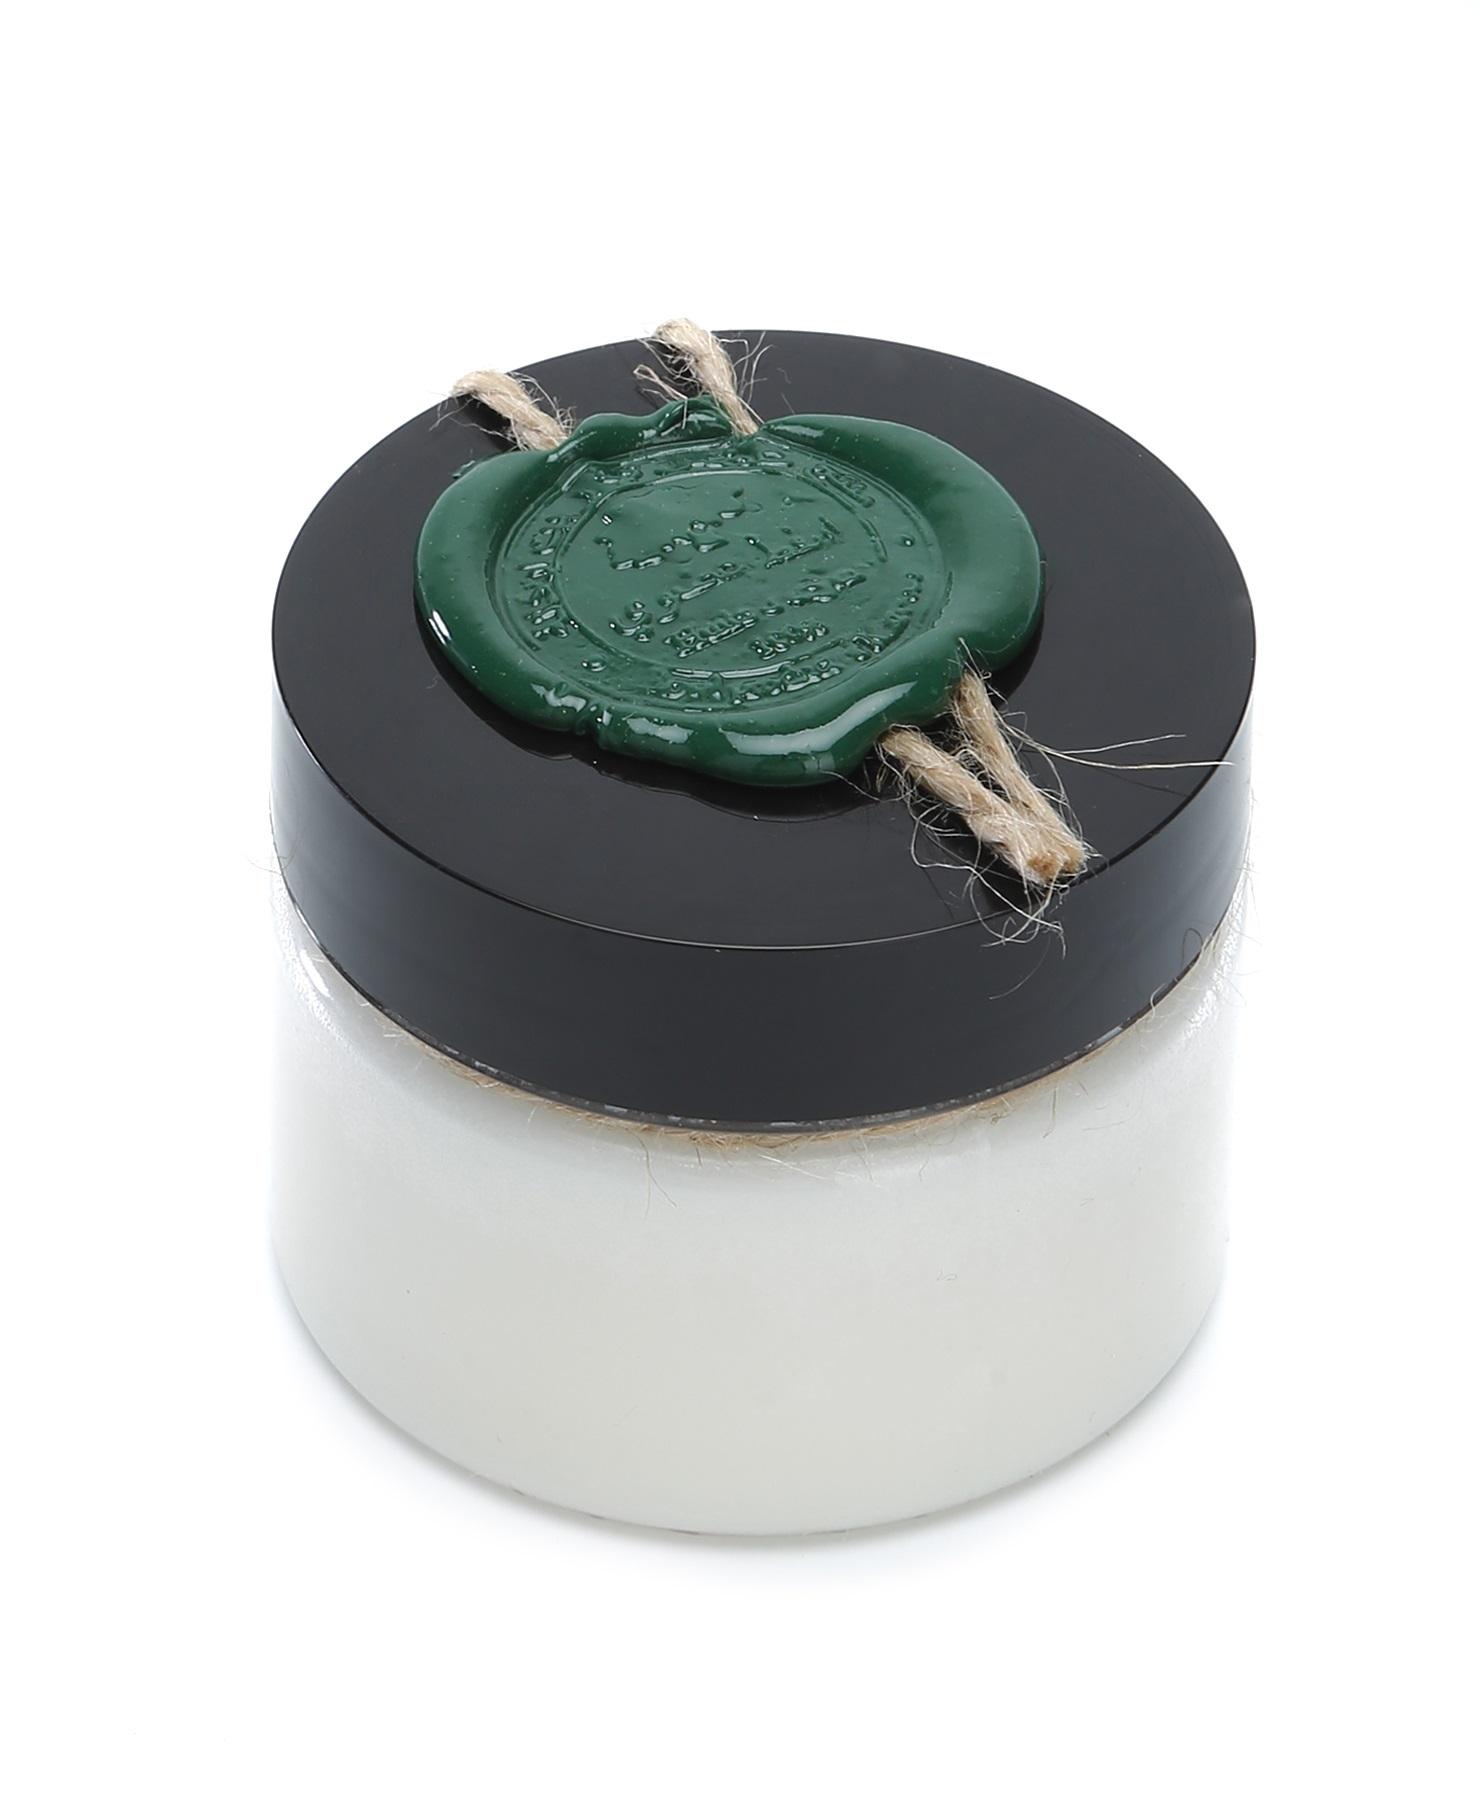 Huilargan Алоэ вера масло, 100% органическое, 100 г2000000009230Алоэ вера издревле известен своими бактерицидными, регенерирующими, увлажняющими и омолаживающими свойствами: ? хорошо увлажняет и помогает быстро устранить сухость кожи, вызванную экземой, псориазом, розацеей, солнечными ожогами, обветриванием; ? питает, смягчает, успокаивает кожу; ? освежает и омолаживает кожу; ? способствует заживлению и восстановлению кожного покрова; ? помогает при акне, ожогах, порезах, ссадинах; ? сглаживает неровности и повышает эластичность кожи; ? регенерирует; ? снимает зуд при укусах насекомых и аллергиях; ? устраняет проявления псориаза. Показания к применению: ? сухая, утомленная, не эластичная кожа; ? зрелая, возрастная кожа; ? поврежденная кожа. Применение: ? в чистом виде или в смеси с другими растительными и эфирным маслами; ? для ежедневного ухода за лицом и телом; ? в качестве хорошей основы для приготовления кремов, молочка, сливок, сывороток и других косметических средств; ?...